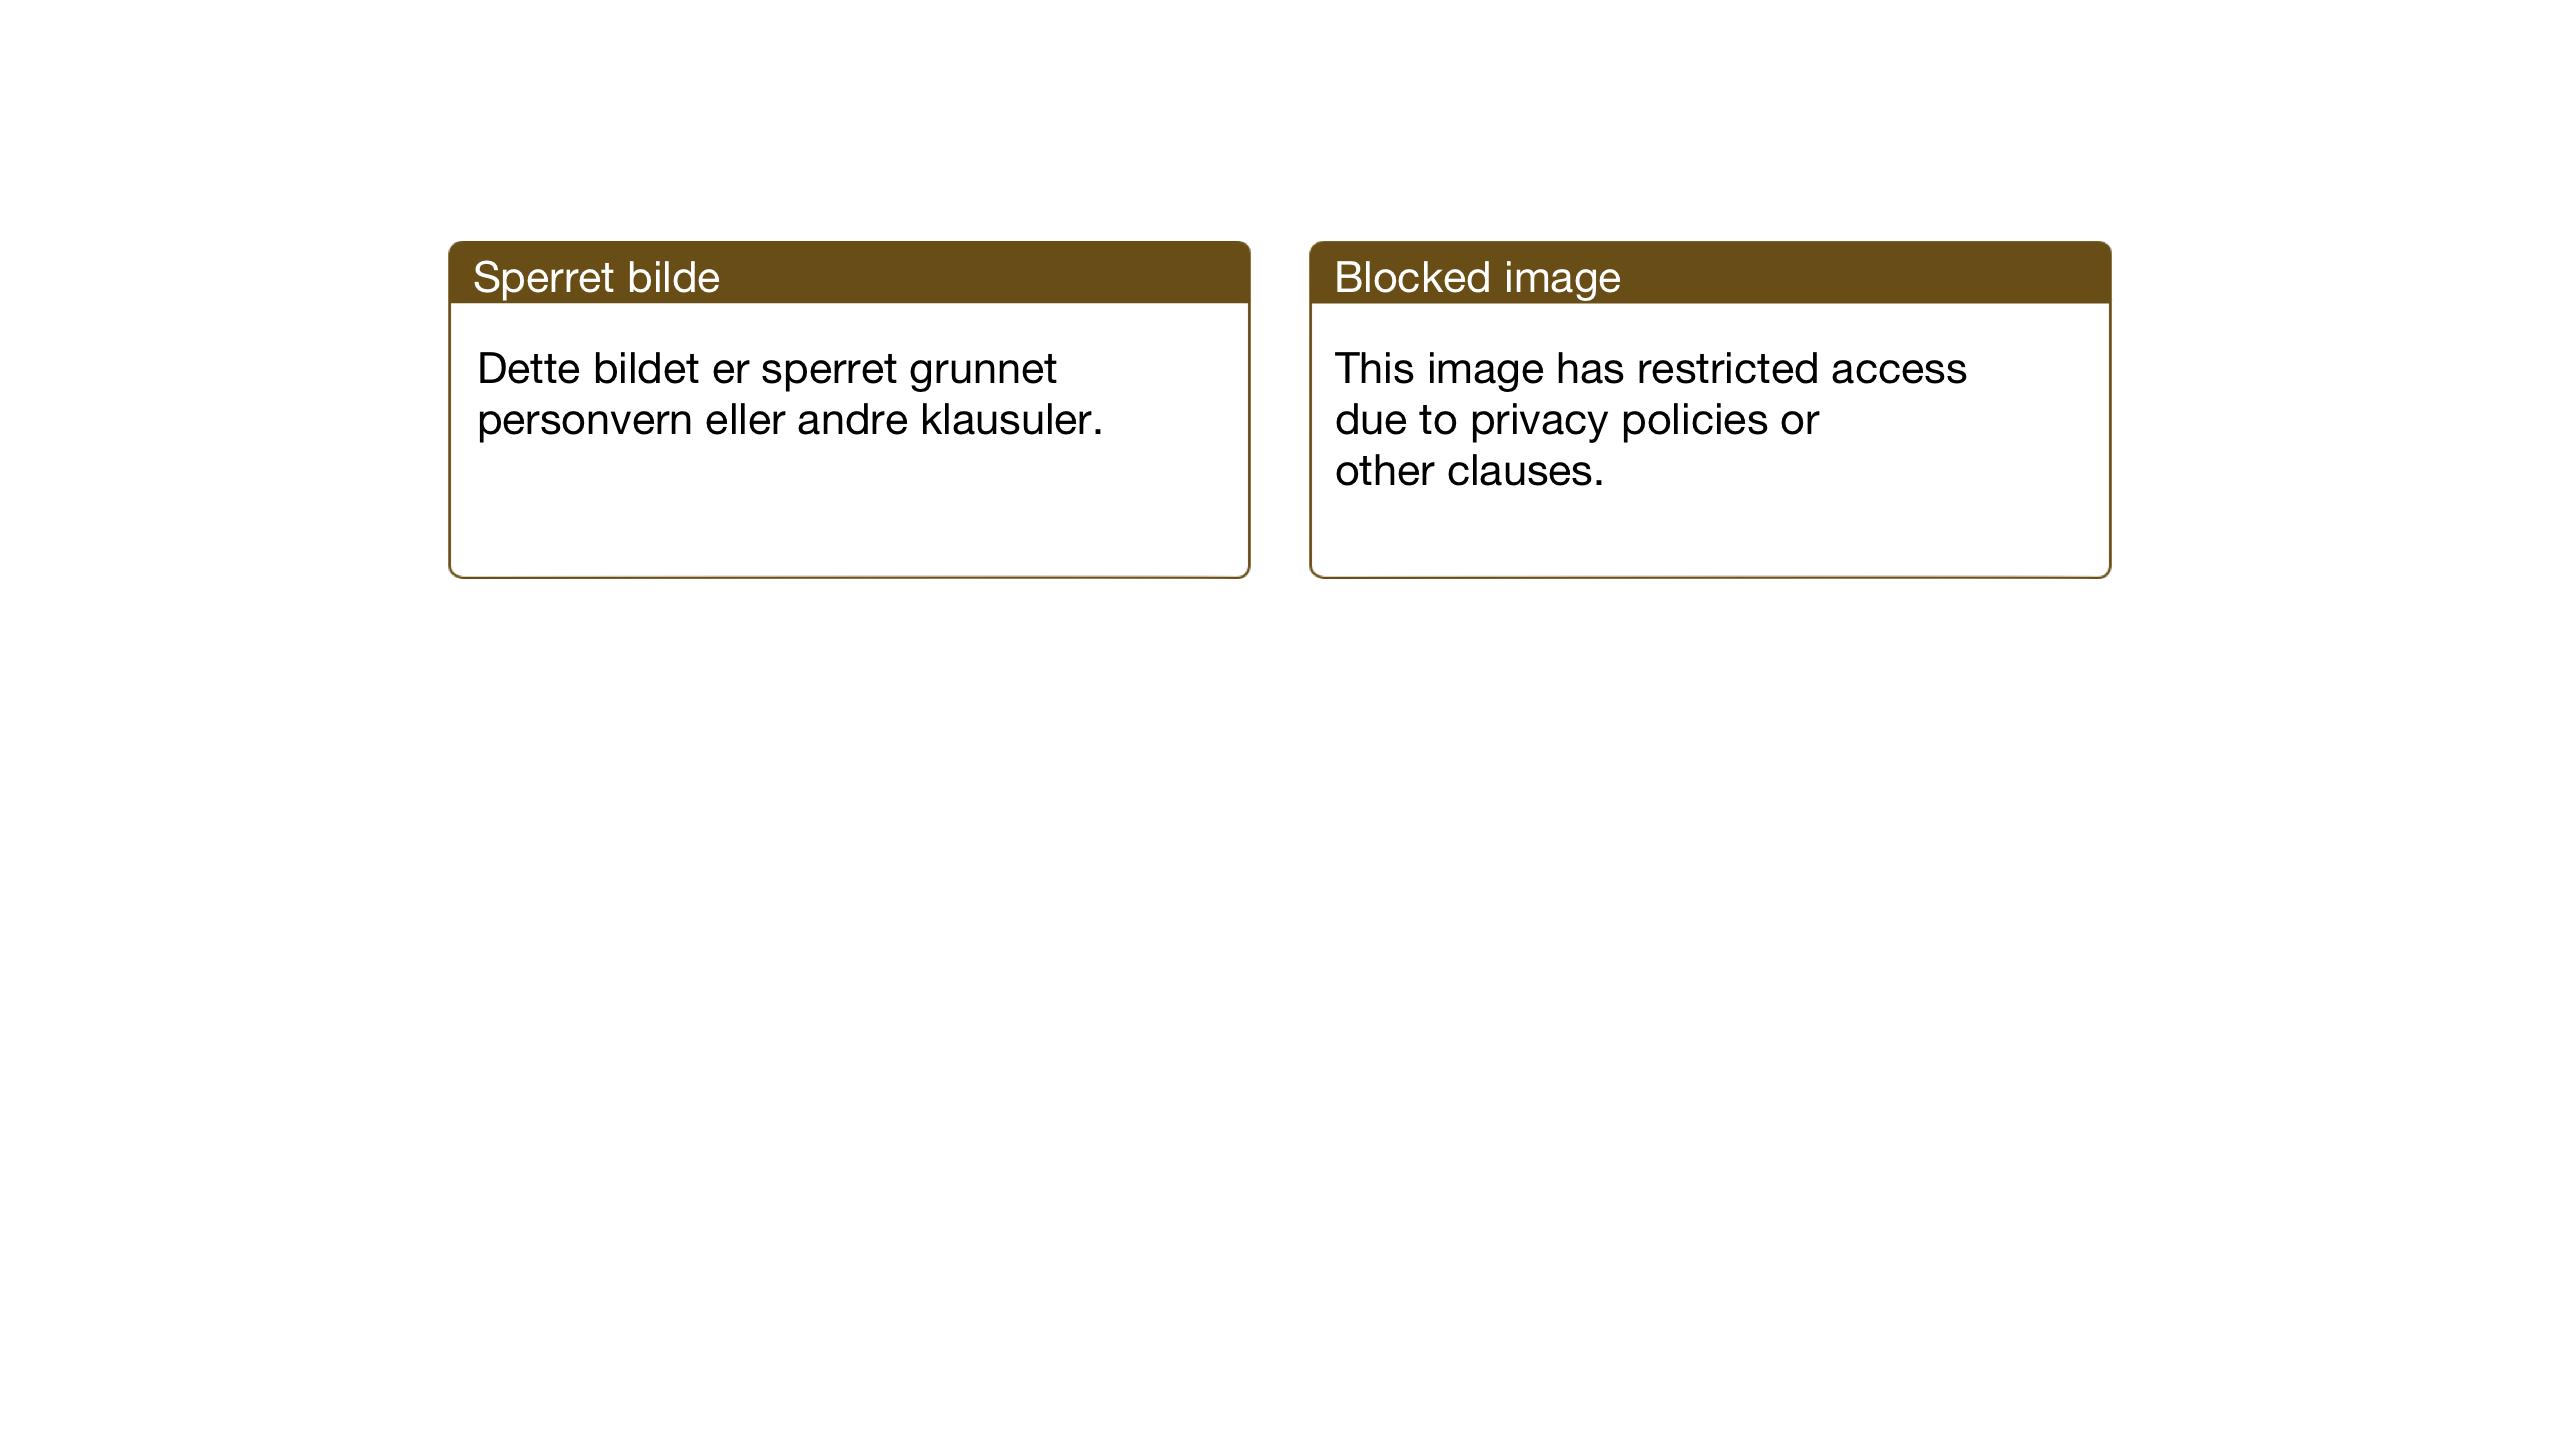 SAT, Ministerialprotokoller, klokkerbøker og fødselsregistre - Nord-Trøndelag, 709/L0089: Klokkerbok nr. 709C03, 1935-1948, s. 245